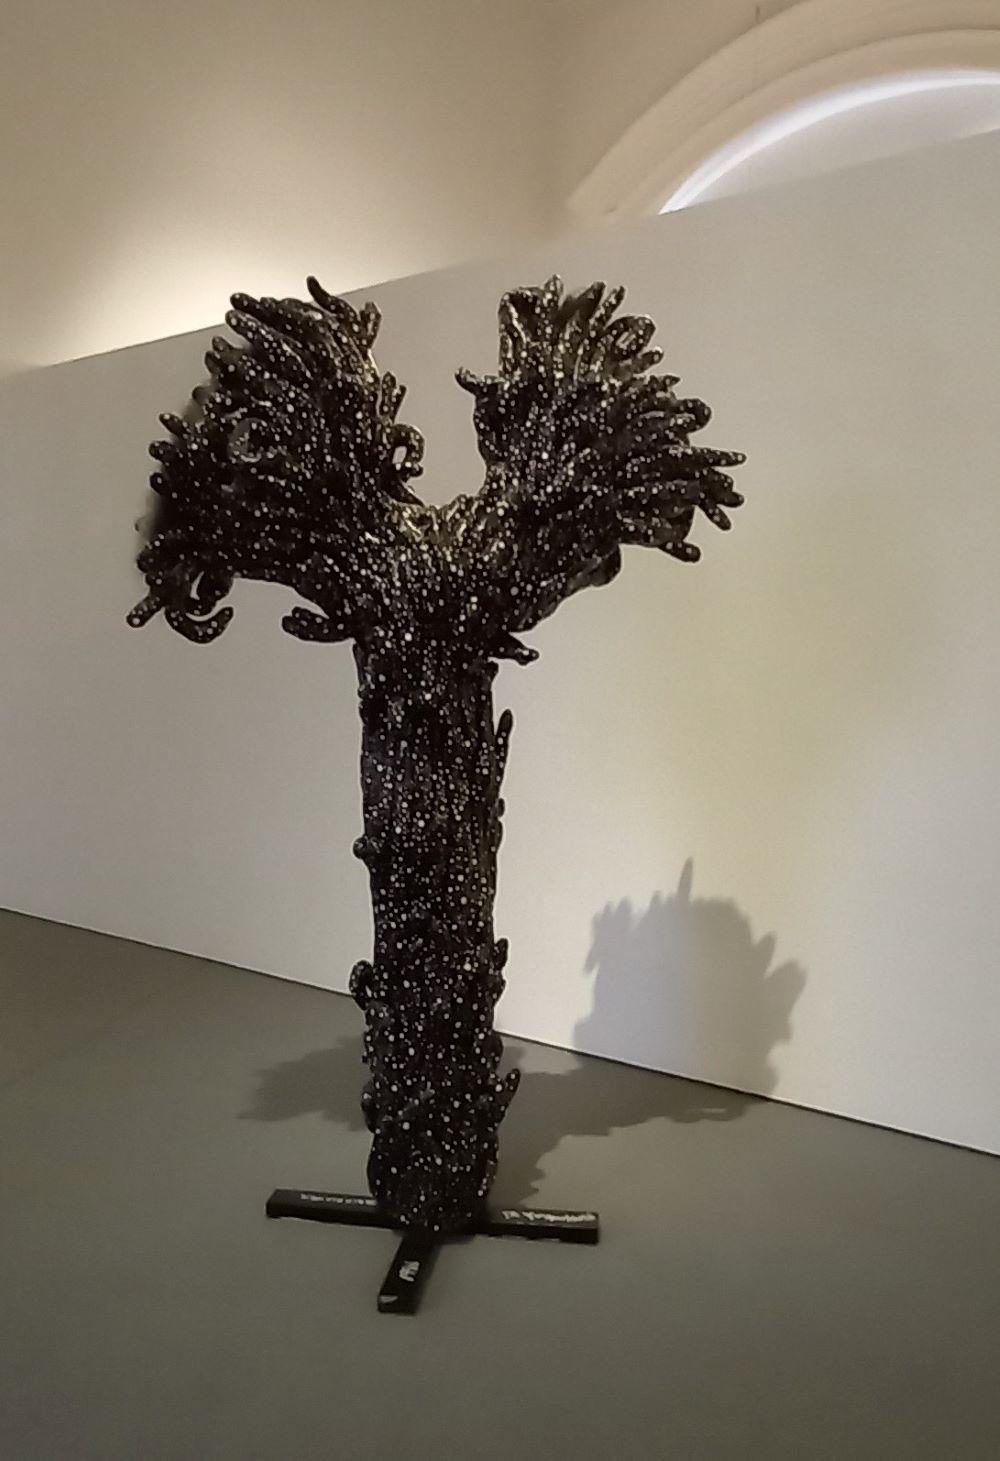 schwarzer Pollen - Installation von Yayoi Kusama im Martin Gropius Bau